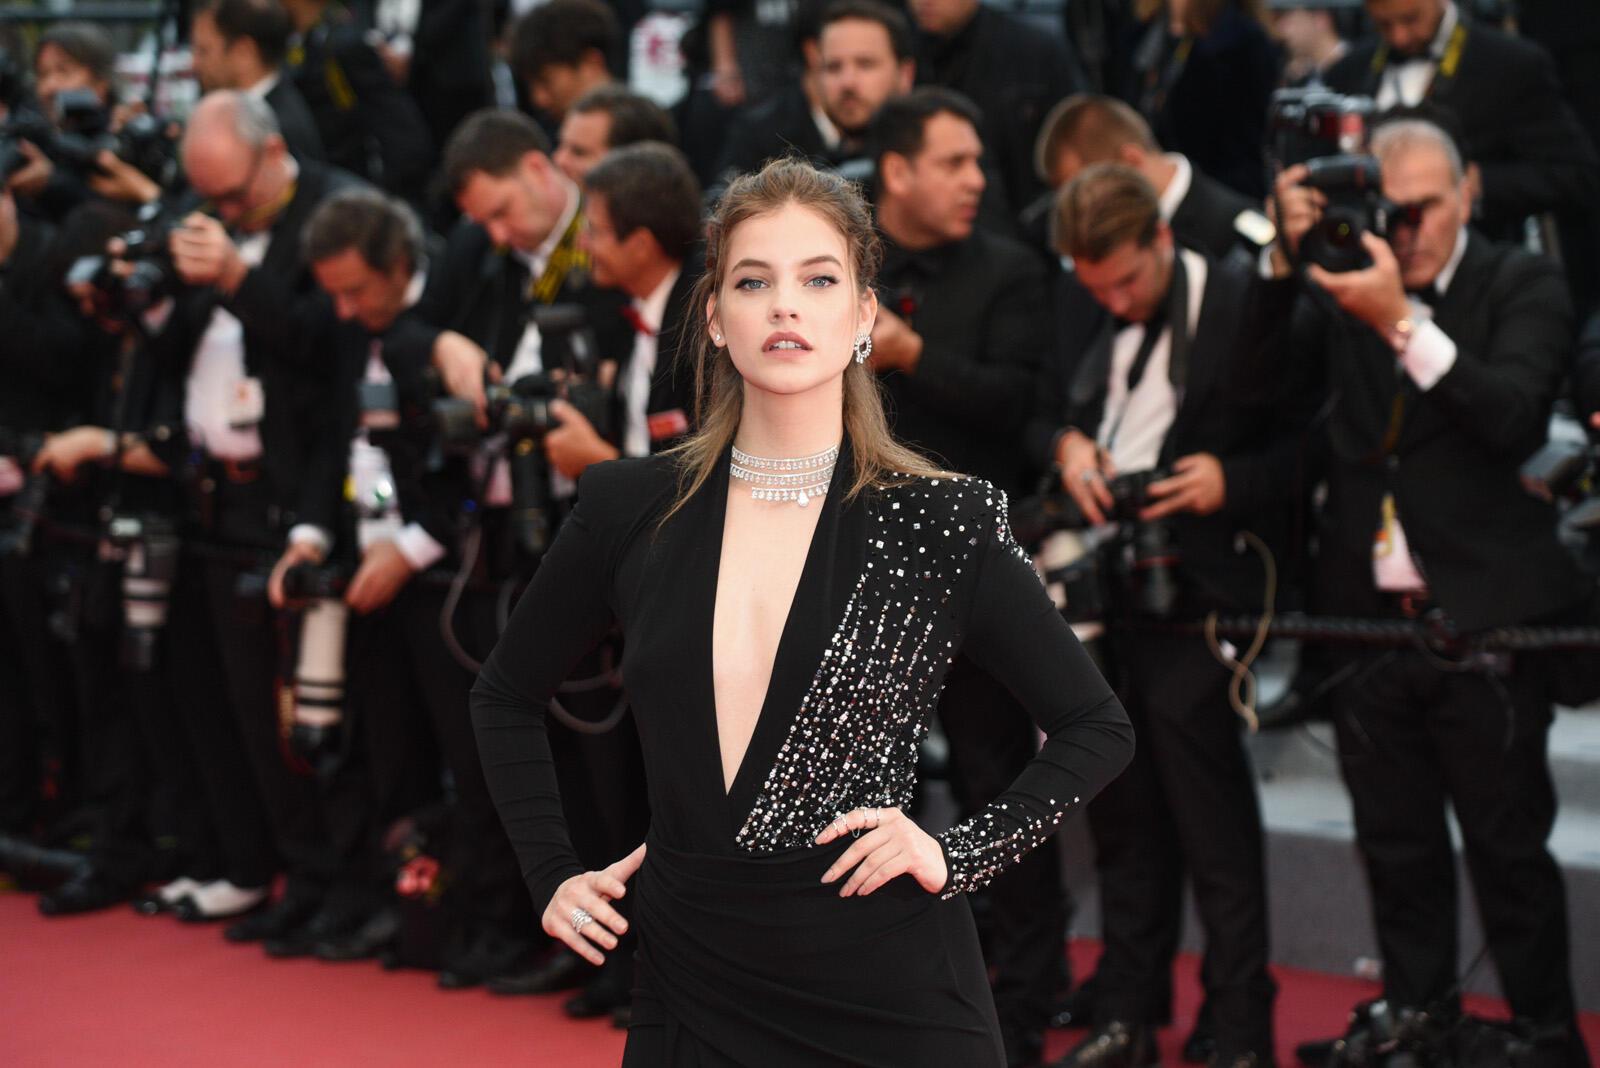 La modelo húngara Barbara Palvin posa en la alfombra roja antes del estreno de 'Burning'.